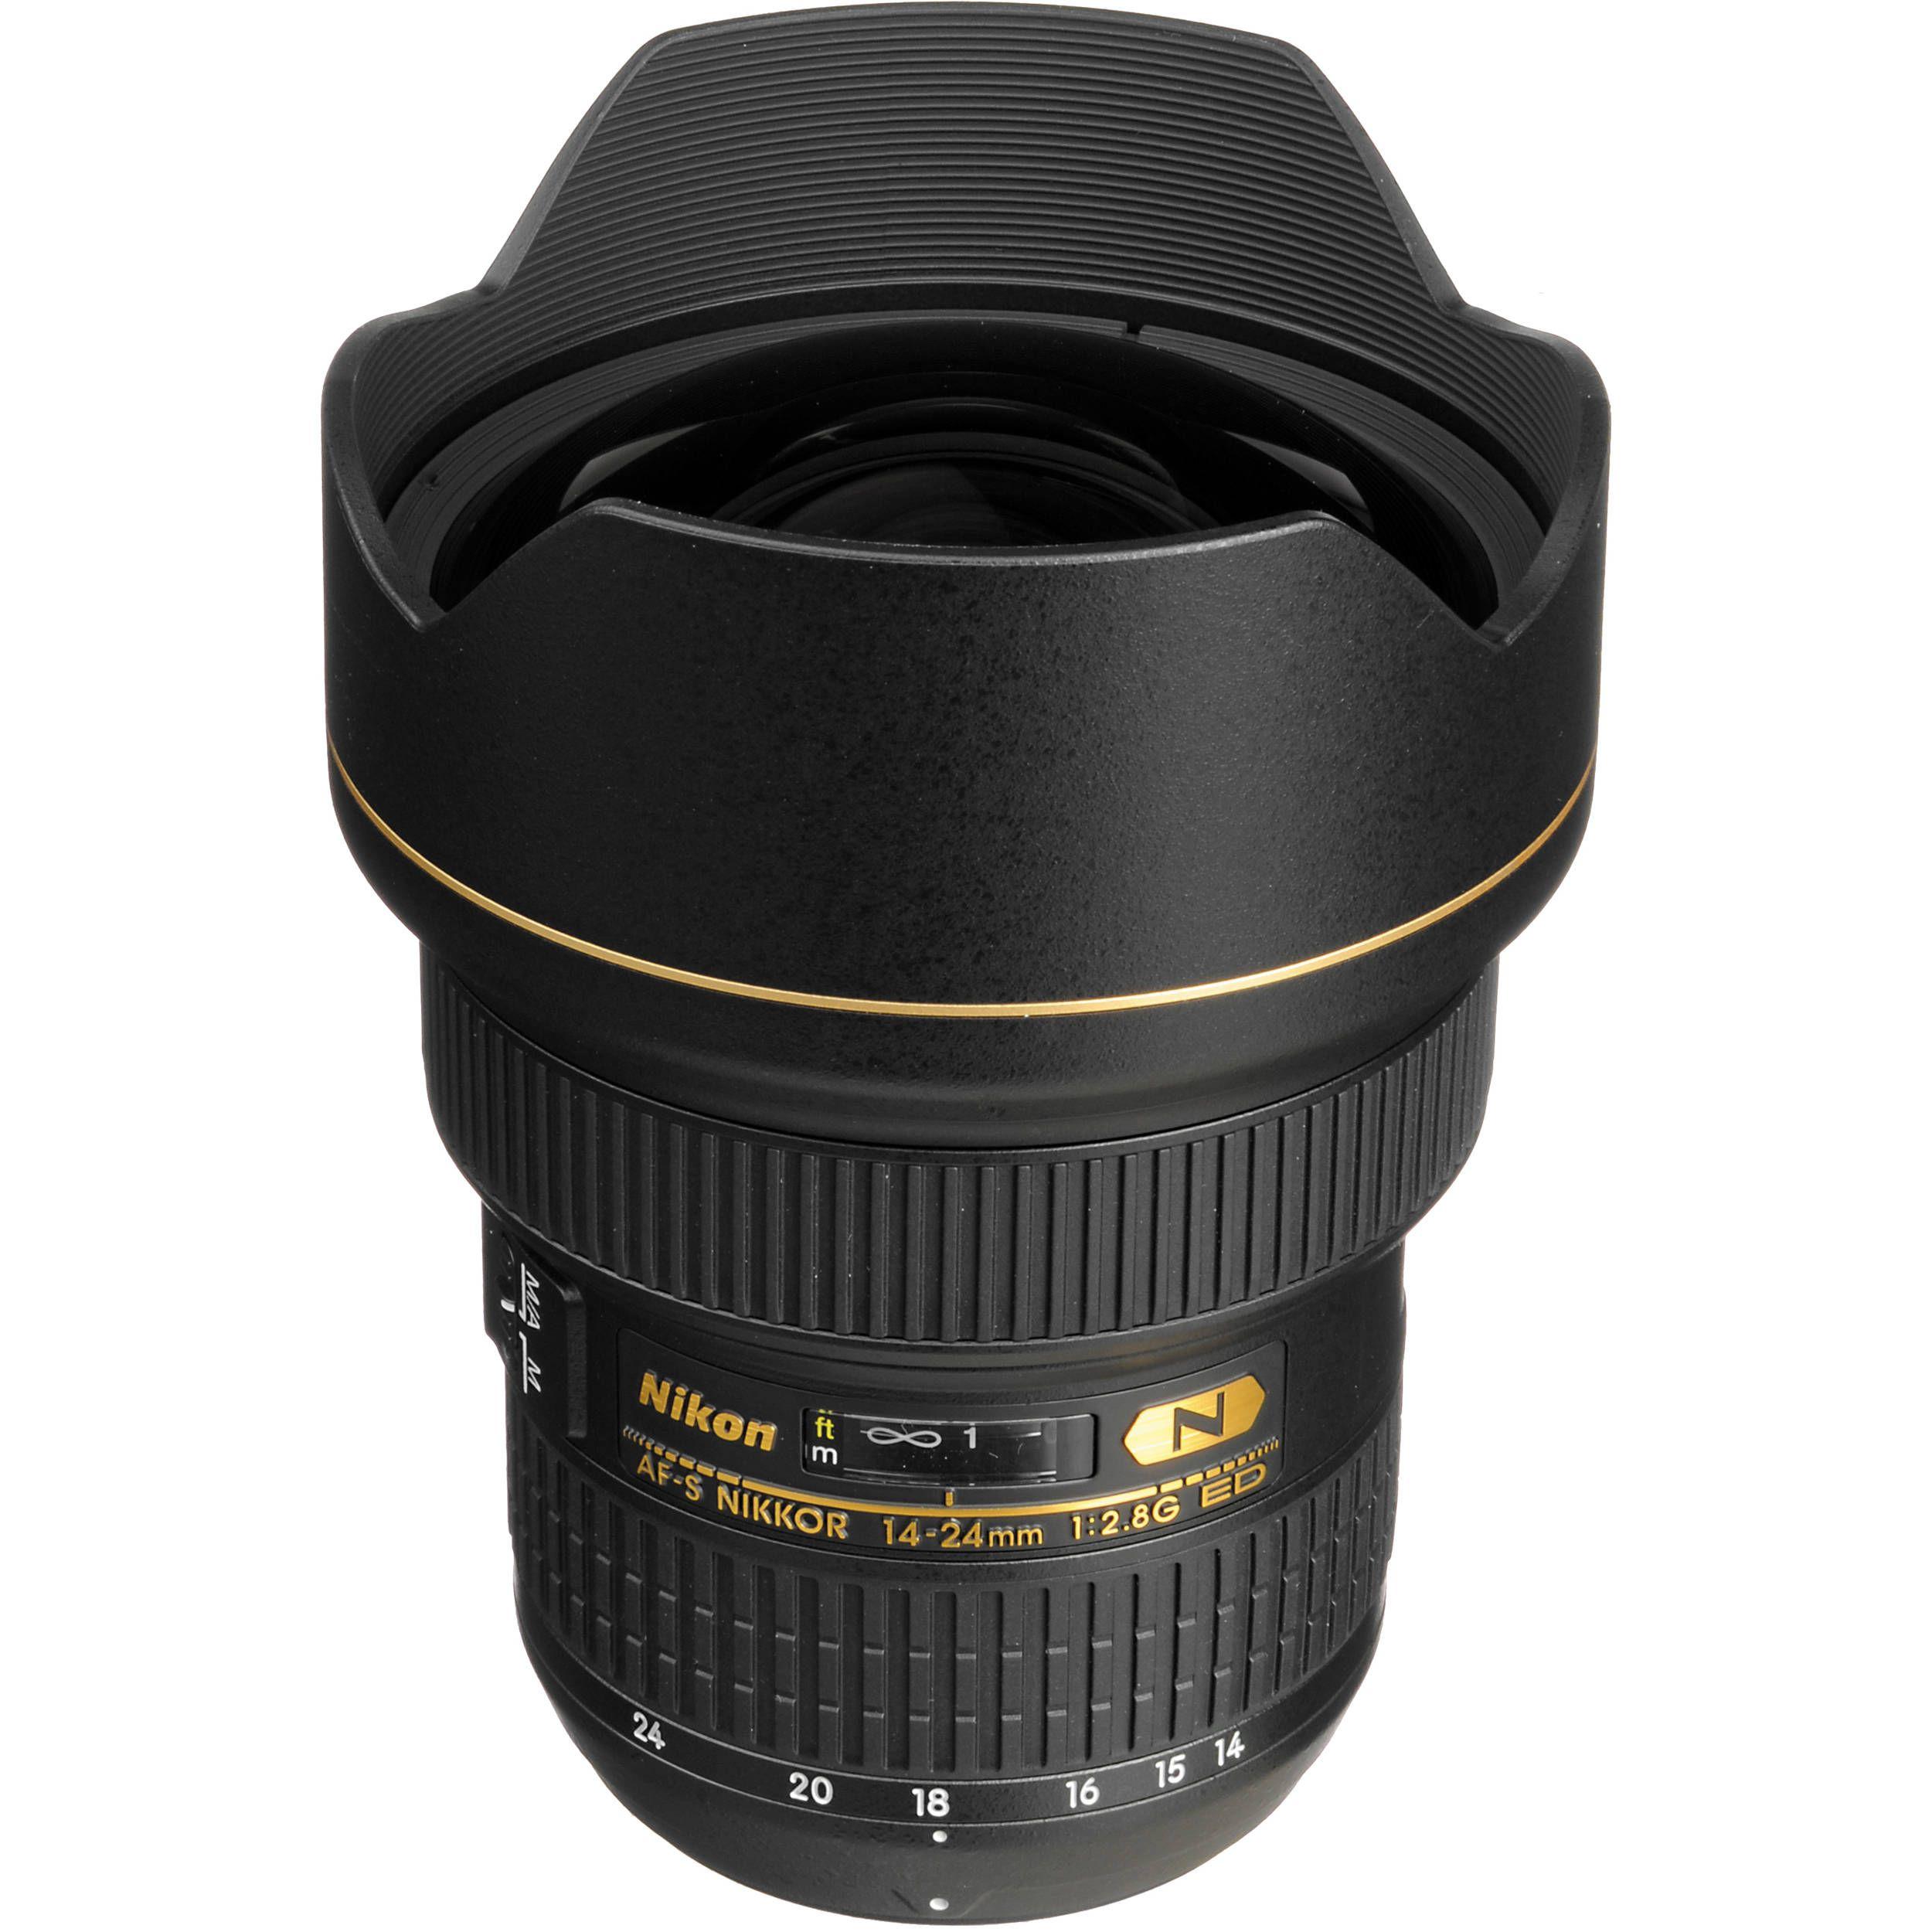 Nikon Af S Nikkor 14 24mm F 2 8g Ed Lens Nikon Dslr Lenses Digital Camera